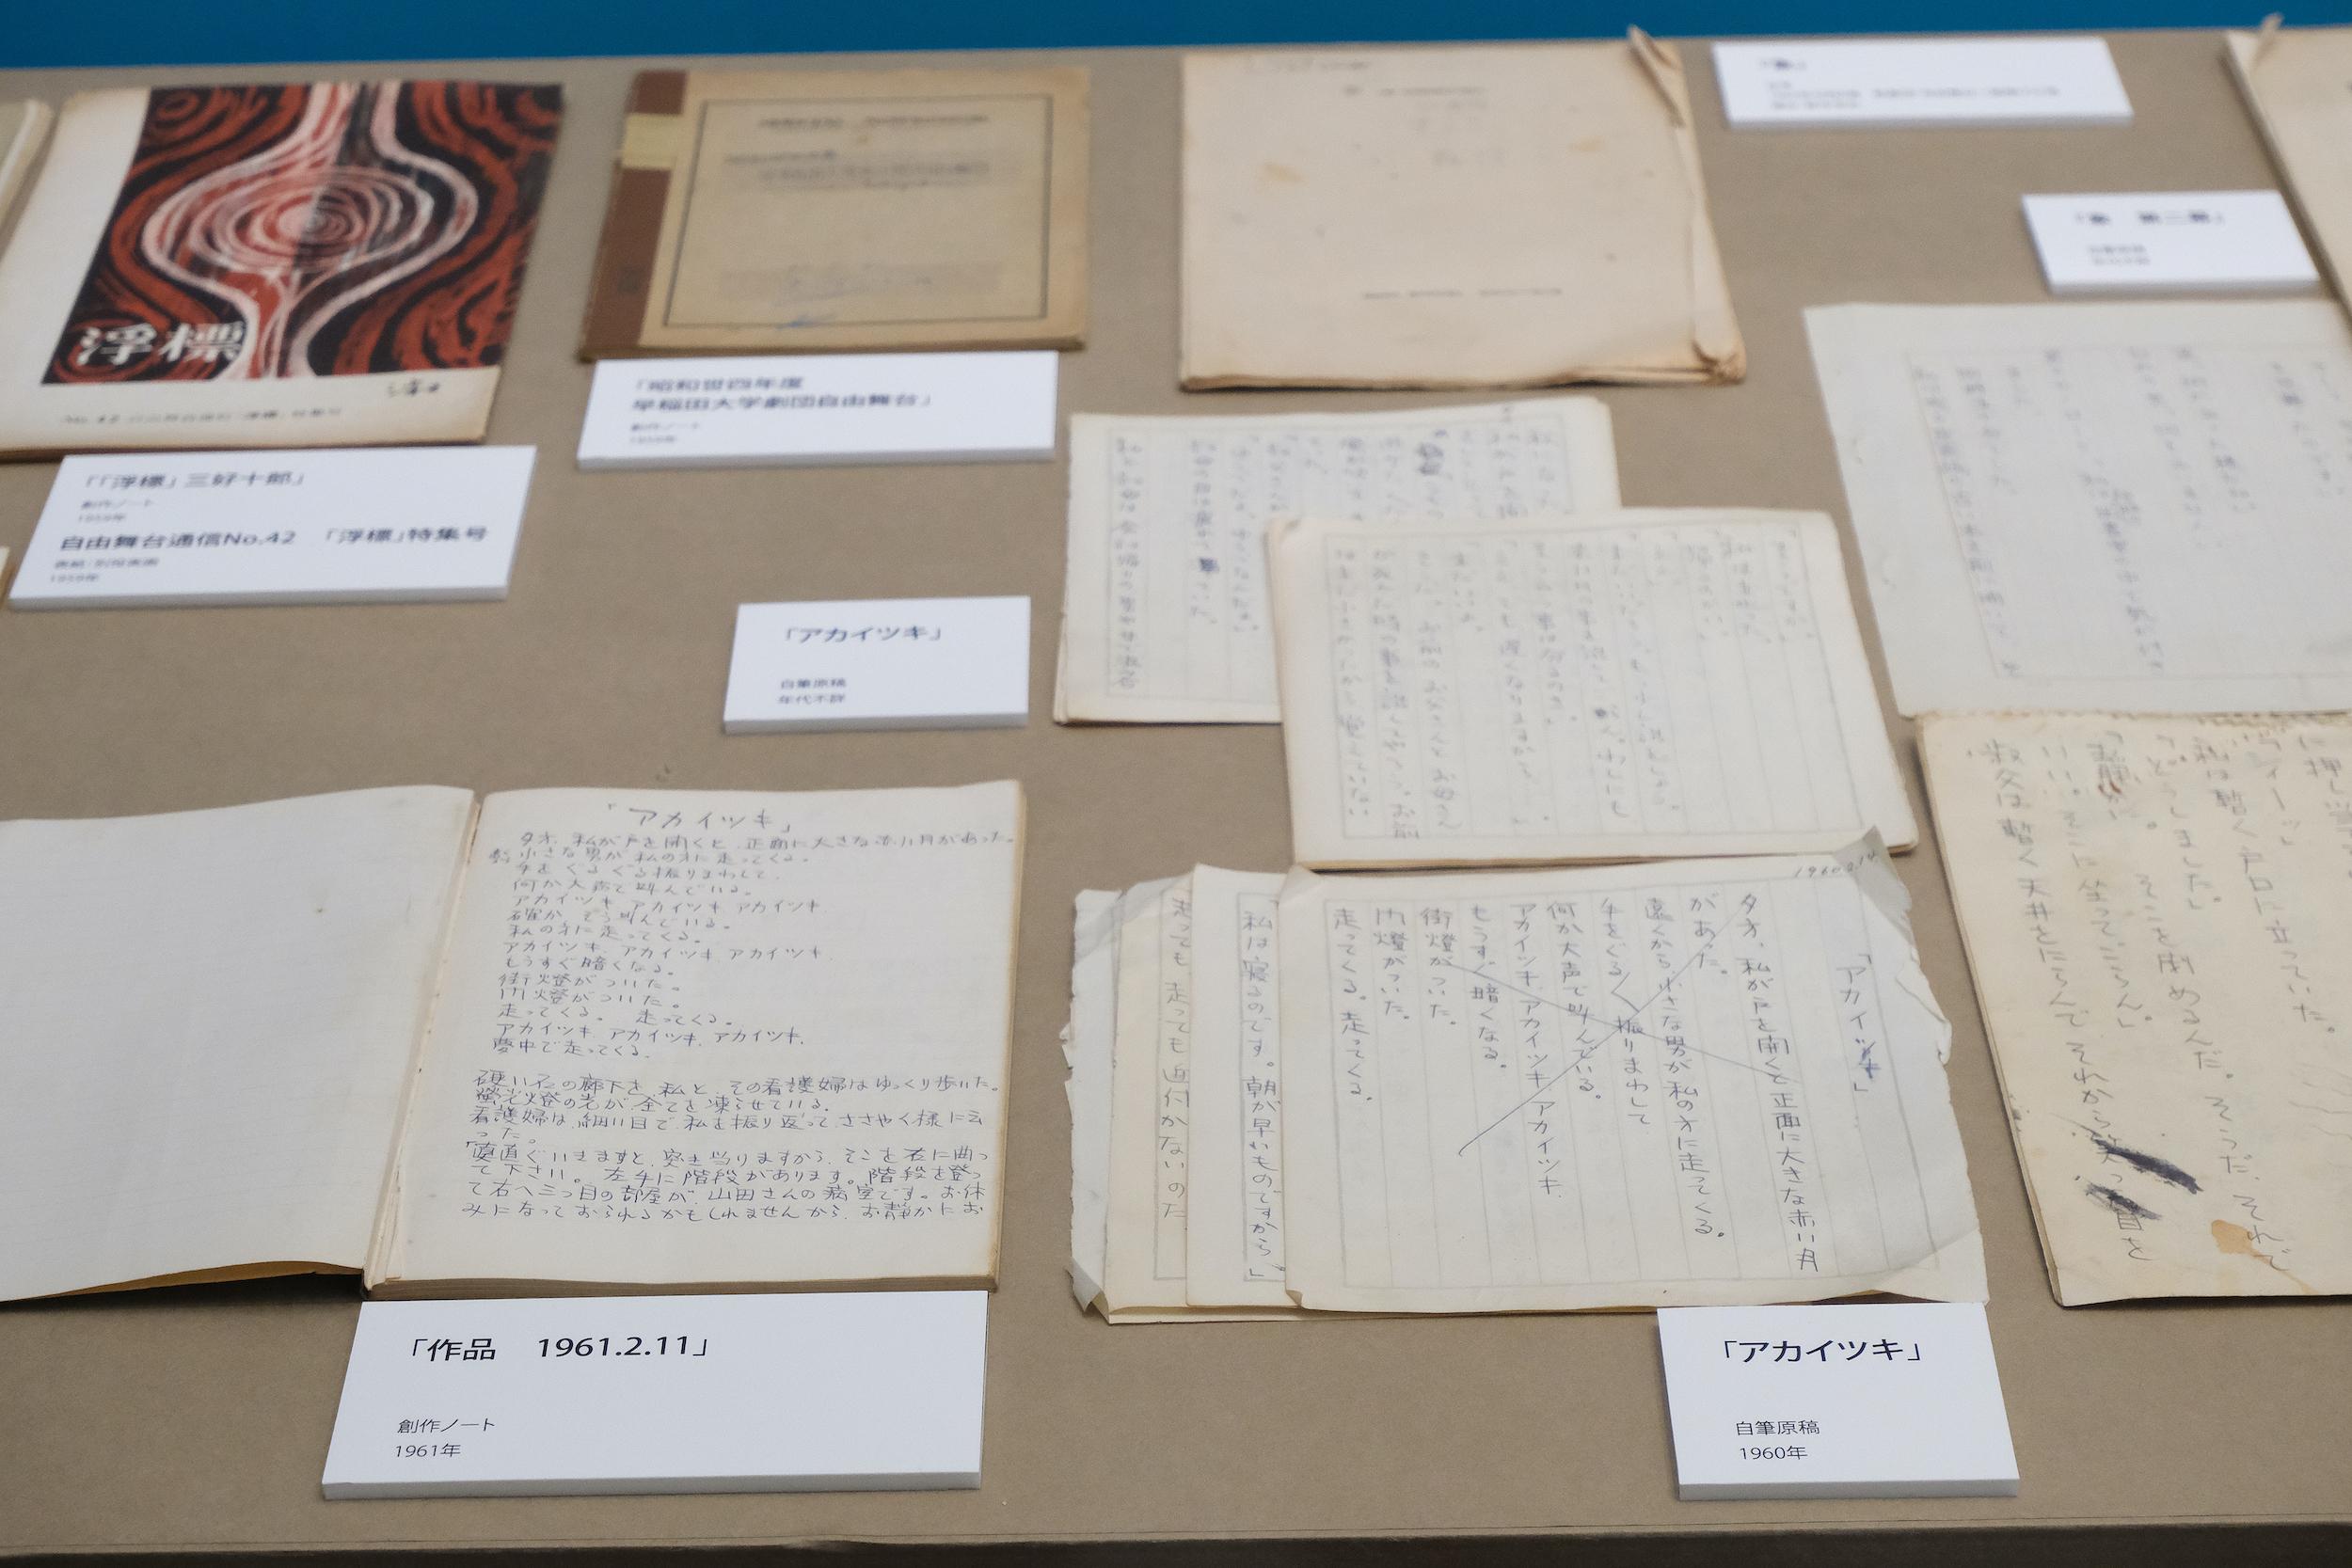 岡室館長による「アカイツキ」が『象』へ至った道筋の解題は、同展の図録に詳しい。